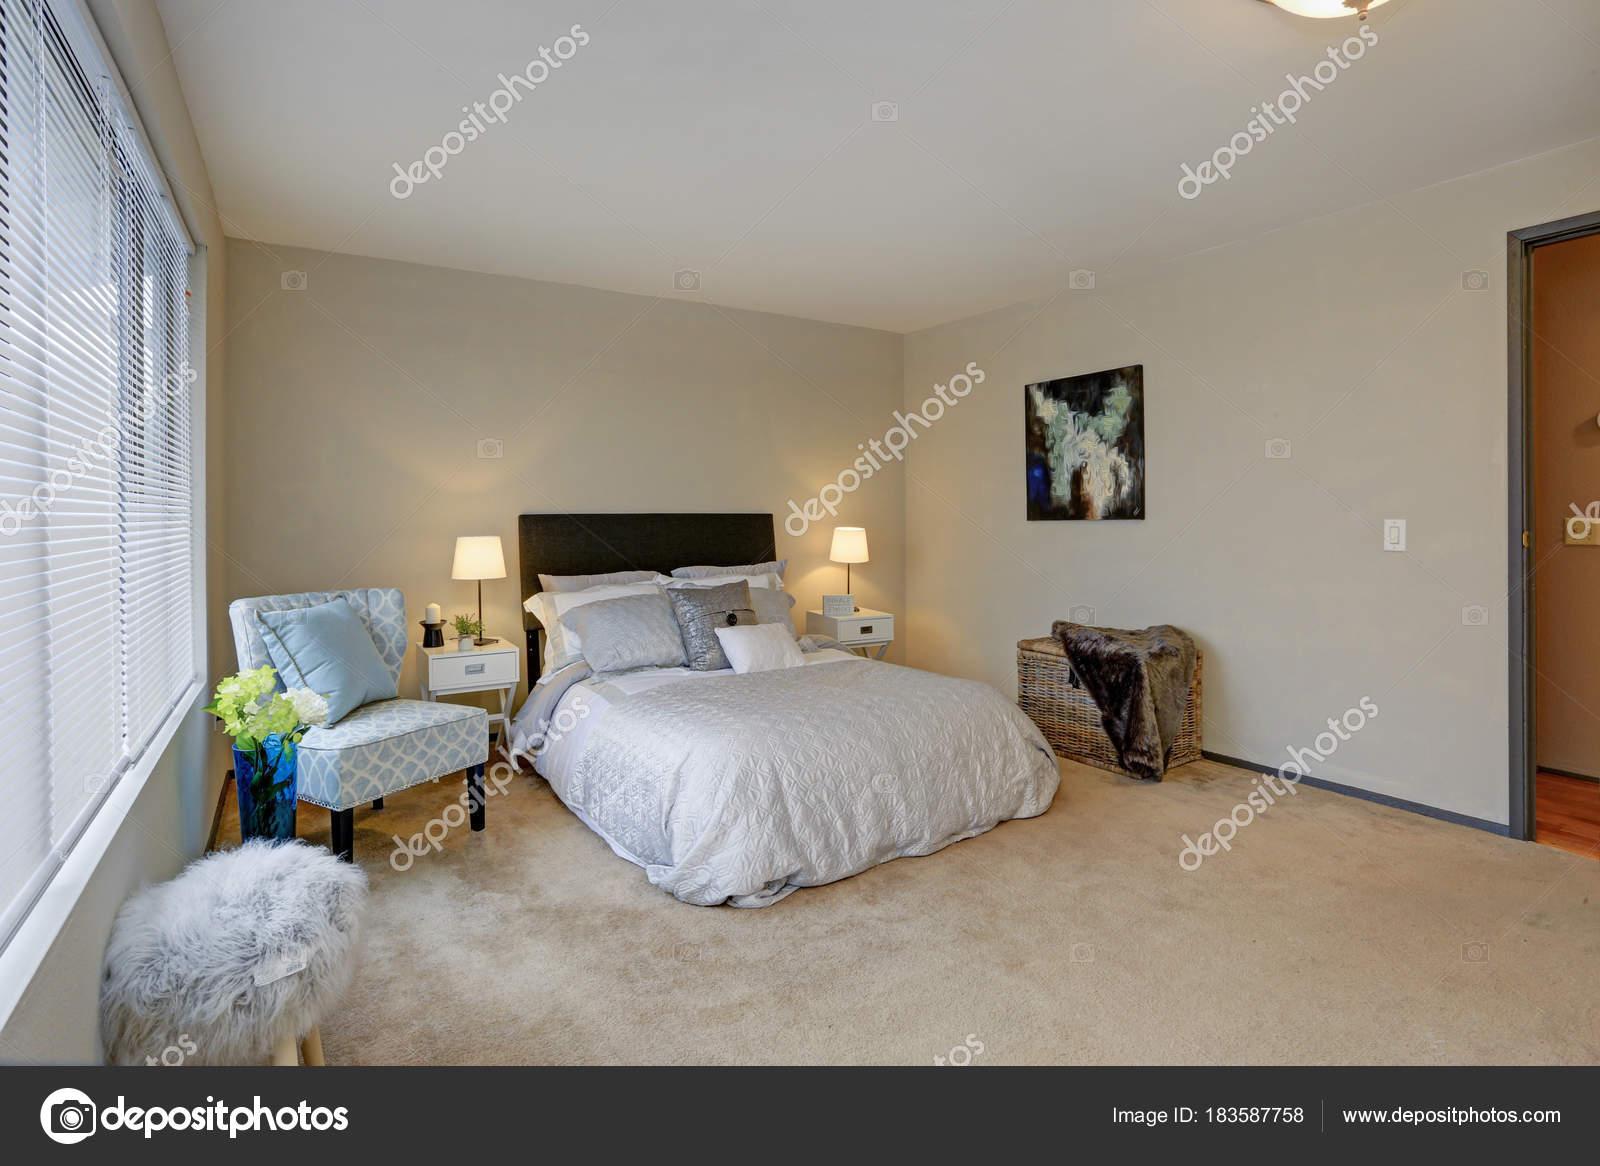 Schönes Schlafzimmer Design Mit Braunen Kopfteil U2014 Stockfoto